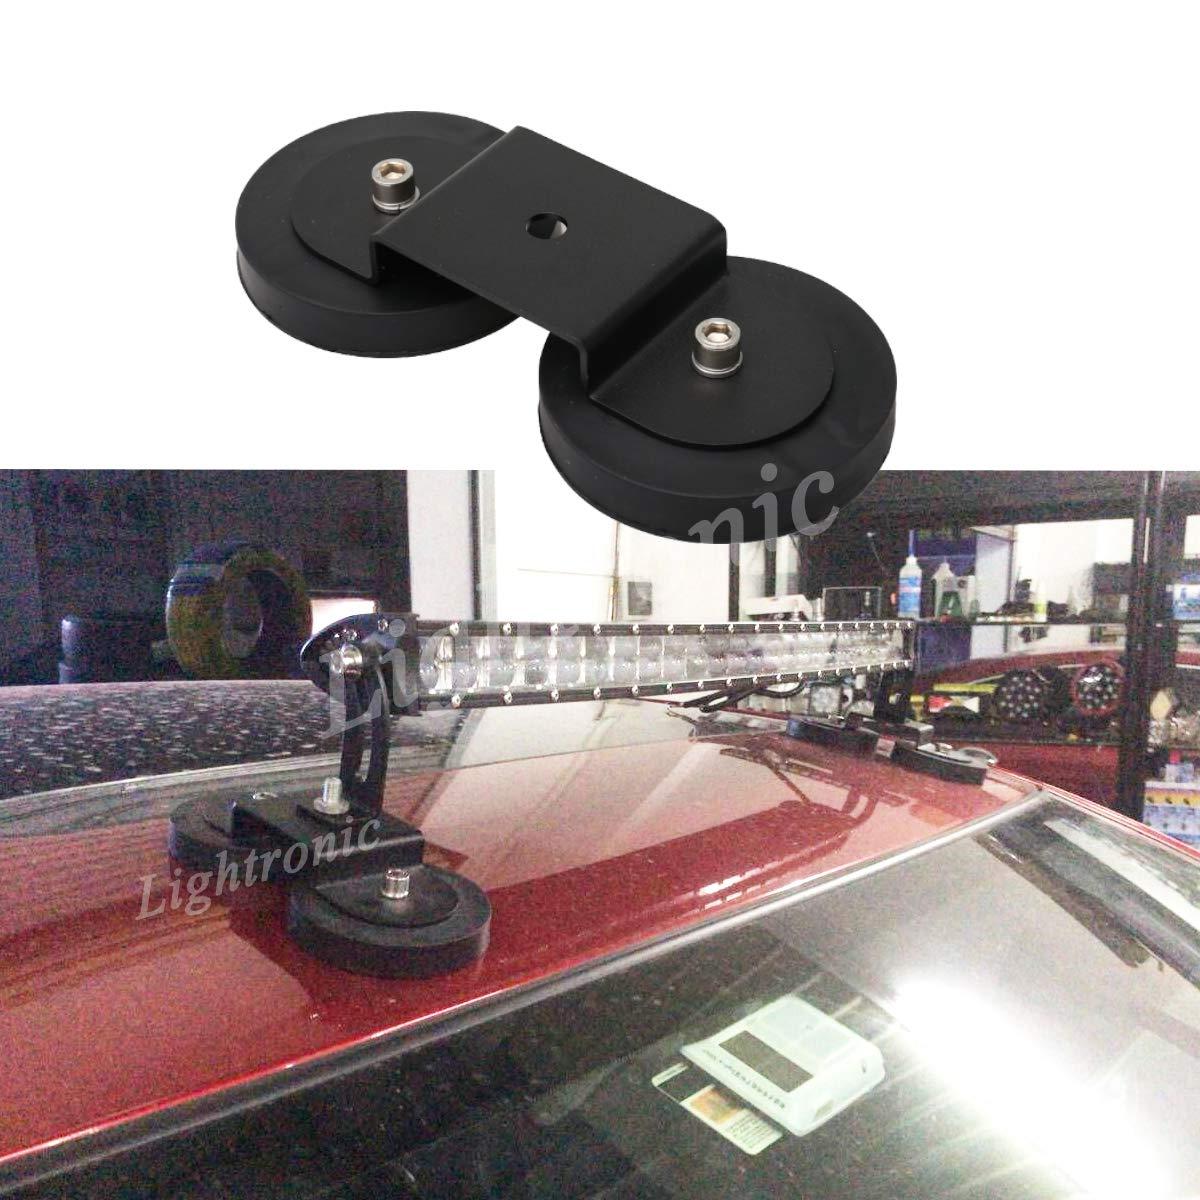 tractor Lightronic Soporte de base magn/ético fuerte para luz de trabajo LED con soporte f/ácil de instalar cami/ón SUV